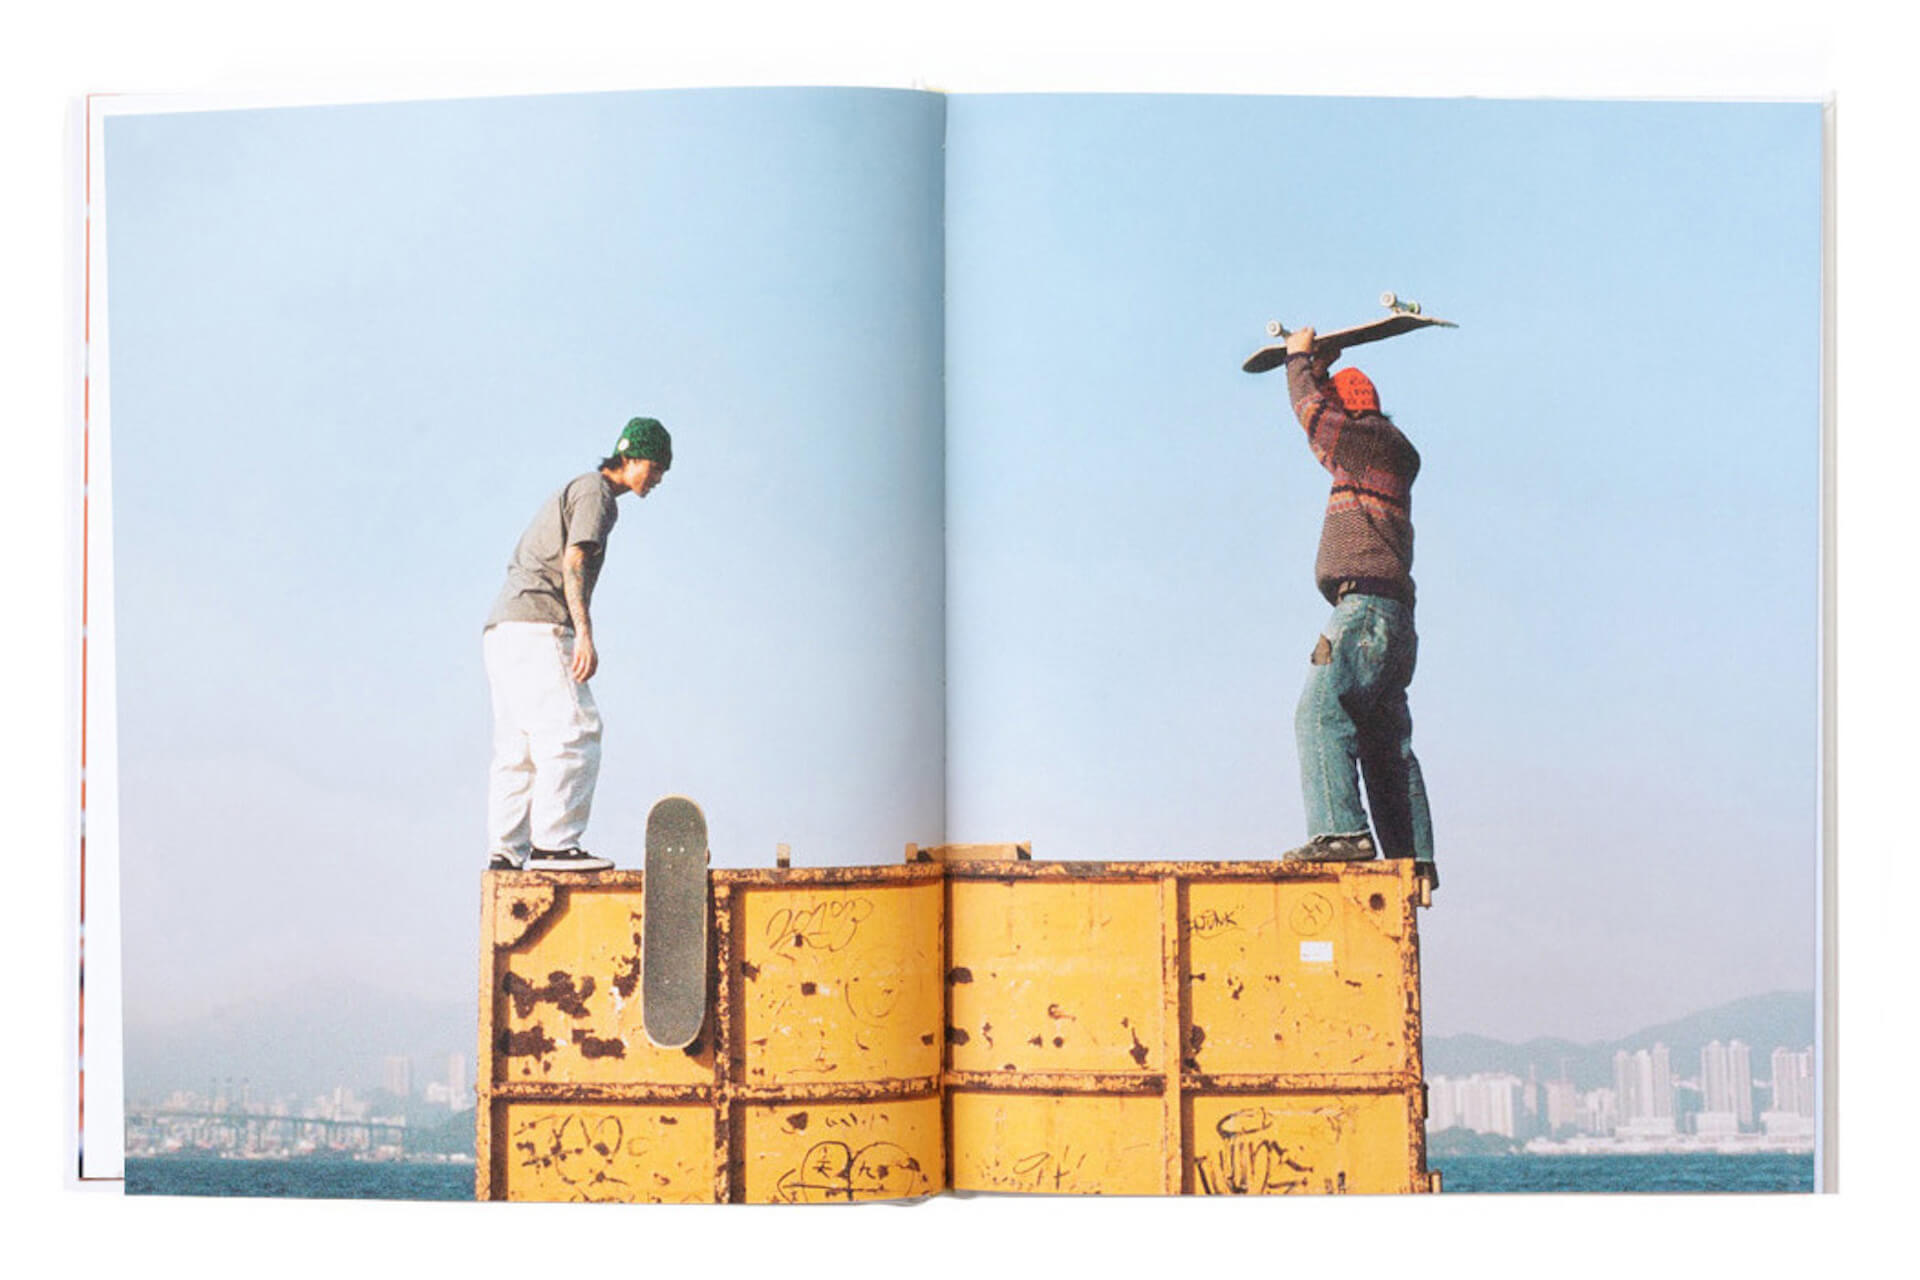 アートブックノススメ|Qetic編集部が選ぶ5冊/Roni Ahn 他 column210916_artbook-019